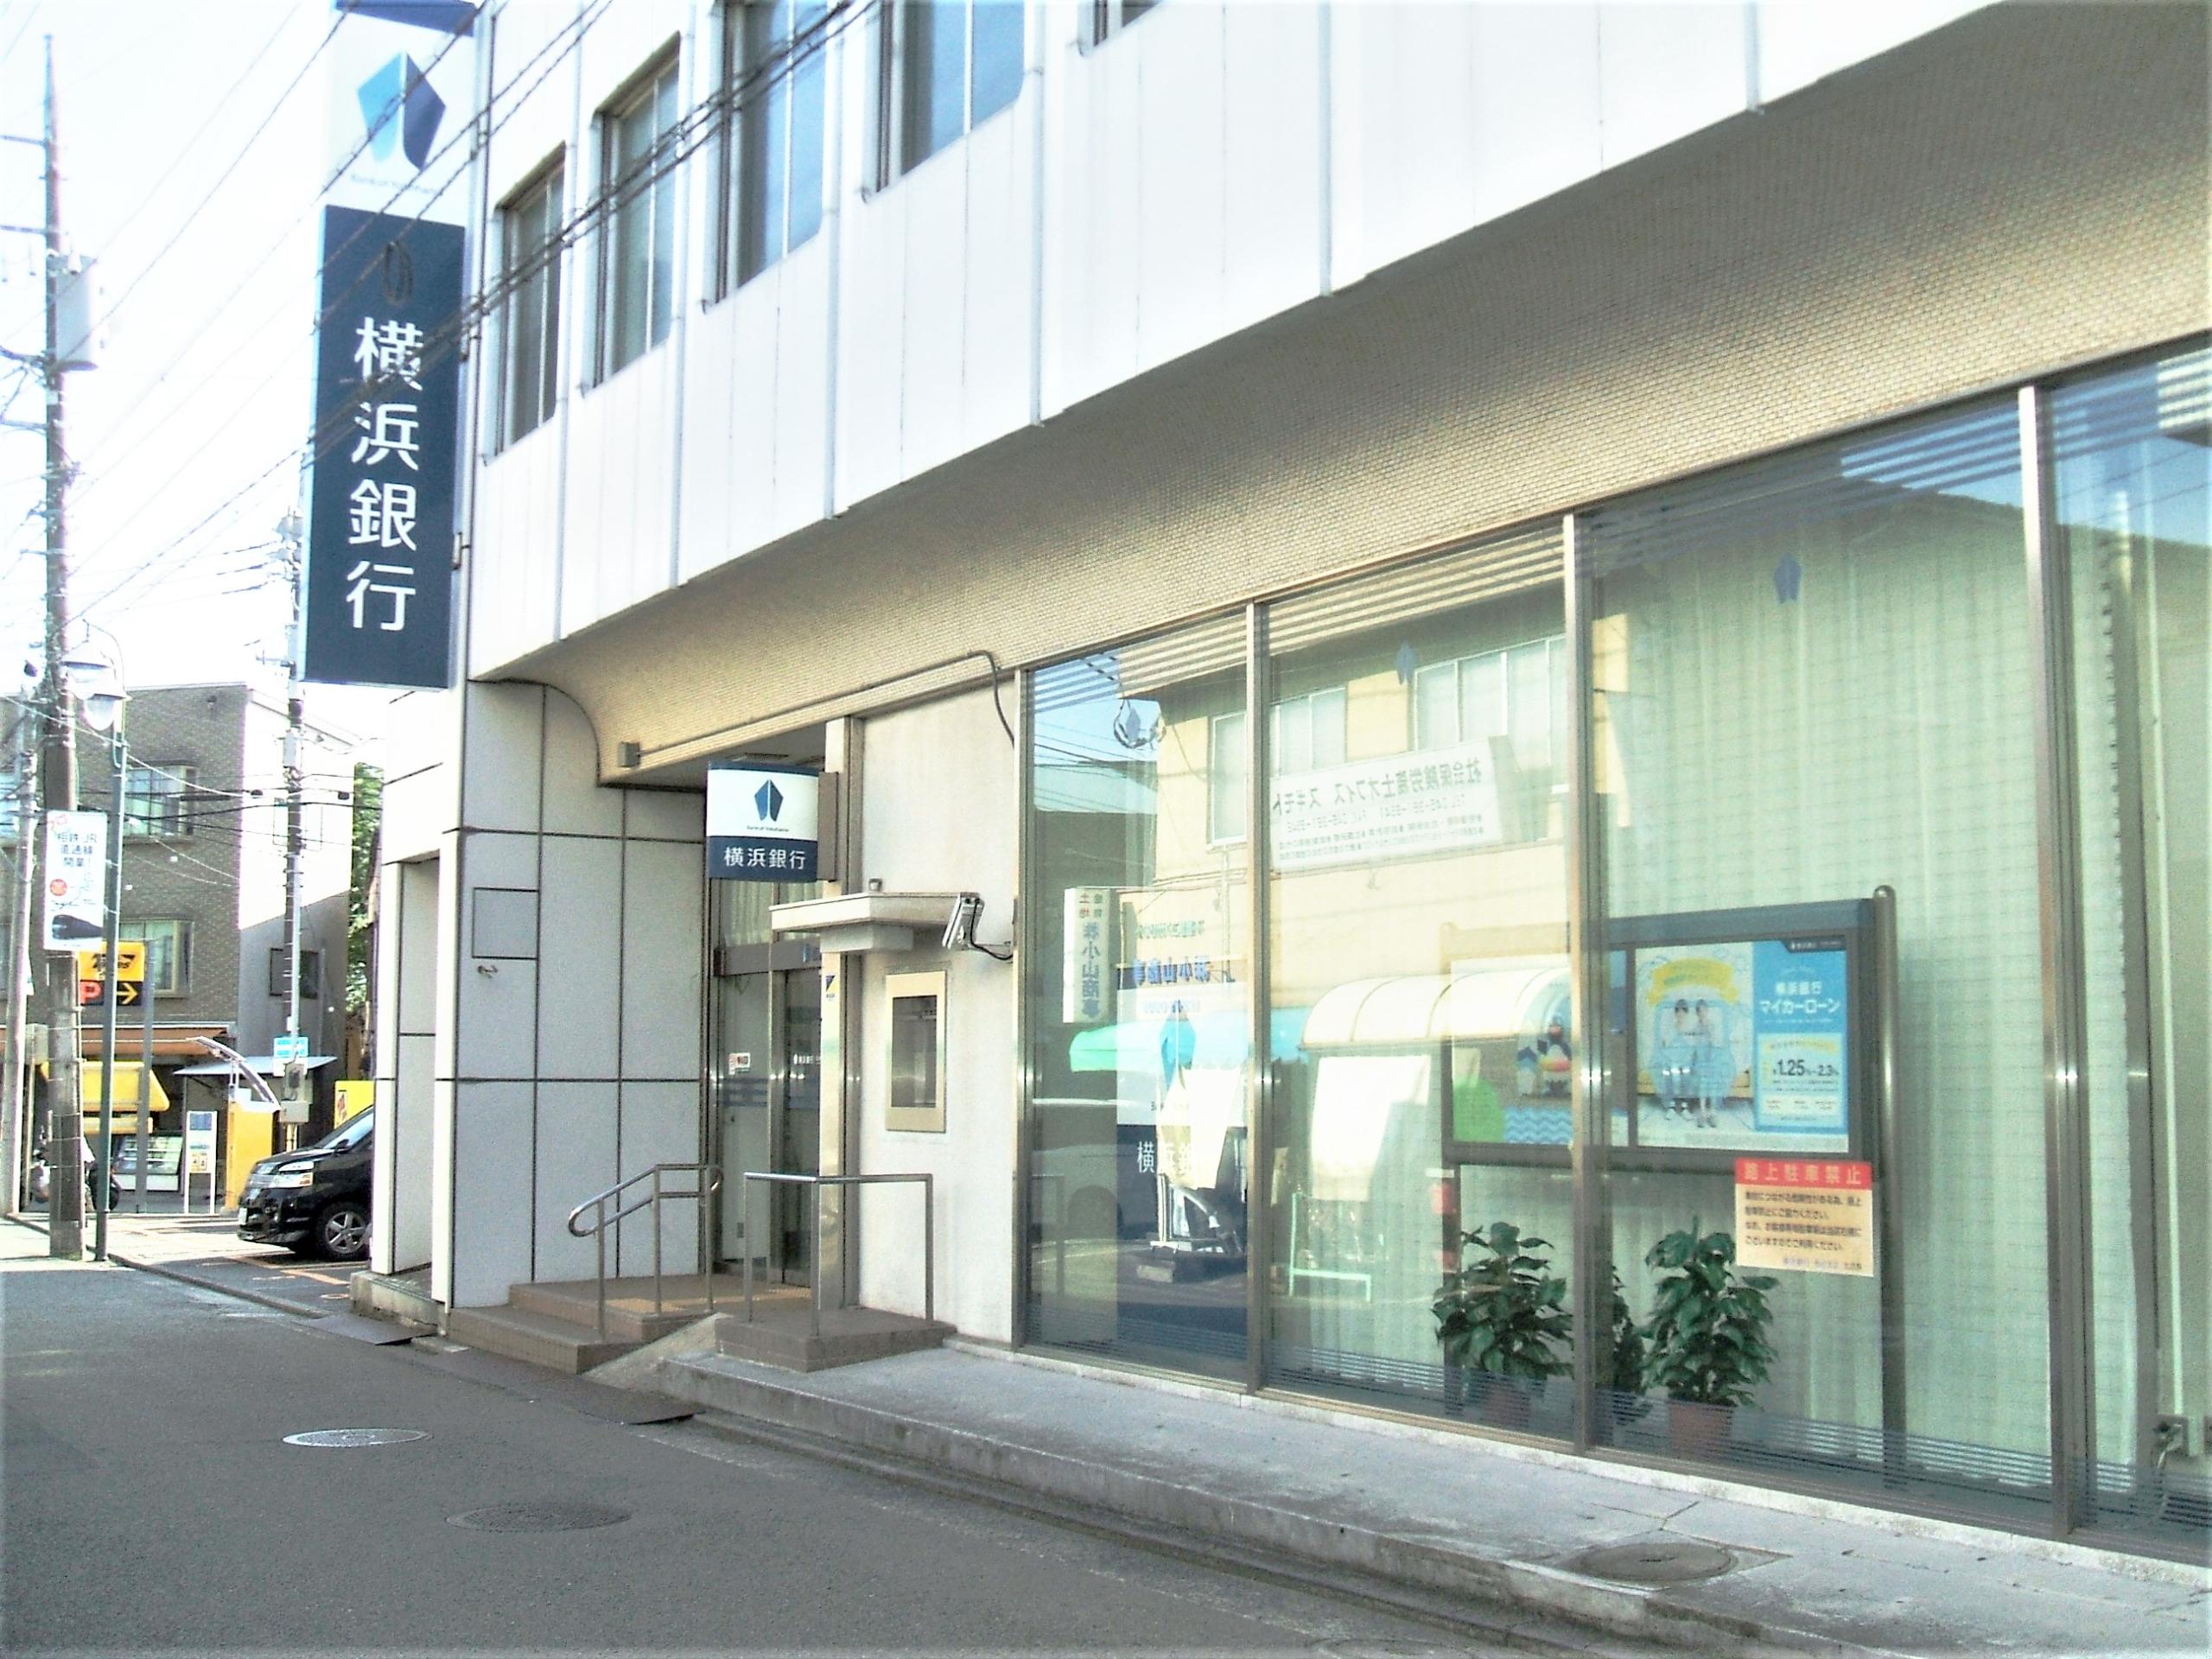 横浜銀行まで324m(徒歩5分)